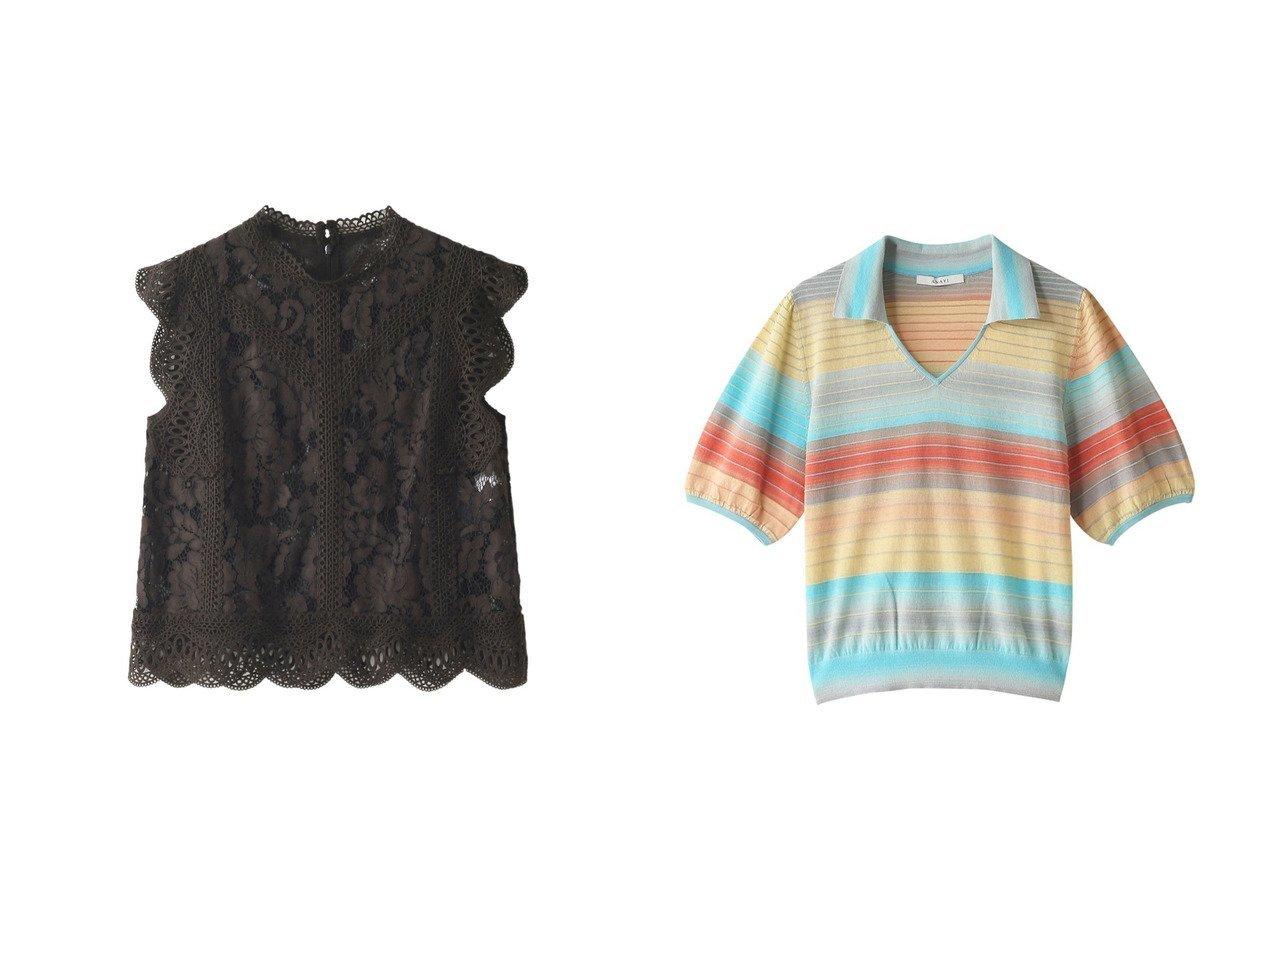 【ANAYI/アナイ】のレーススタンドネックブラウス&グラデーションボーダーポロエリプルオーバー 【トップス・カットソー】おすすめ!人気、トレンド・レディースファッションの通販 おすすめで人気の流行・トレンド、ファッションの通販商品 インテリア・家具・メンズファッション・キッズファッション・レディースファッション・服の通販 founy(ファニー) https://founy.com/ ファッション Fashion レディースファッション WOMEN トップス・カットソー Tops/Tshirt シャツ/ブラウス Shirts/Blouses ニット Knit Tops プルオーバー Pullover シアー ショート スカラップ スリーブ パーティ フラワー レース S/S・春夏 SS・Spring/Summer おすすめ Recommend グラデーション セットアップ ボーダー 夏 Summer 春 Spring |ID:crp329100000049509